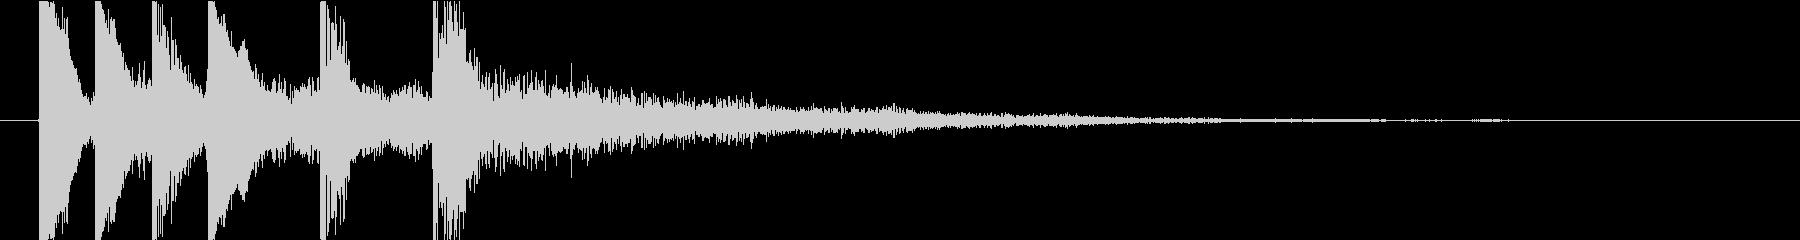 リッチな響きのある短いテーマ音の未再生の波形